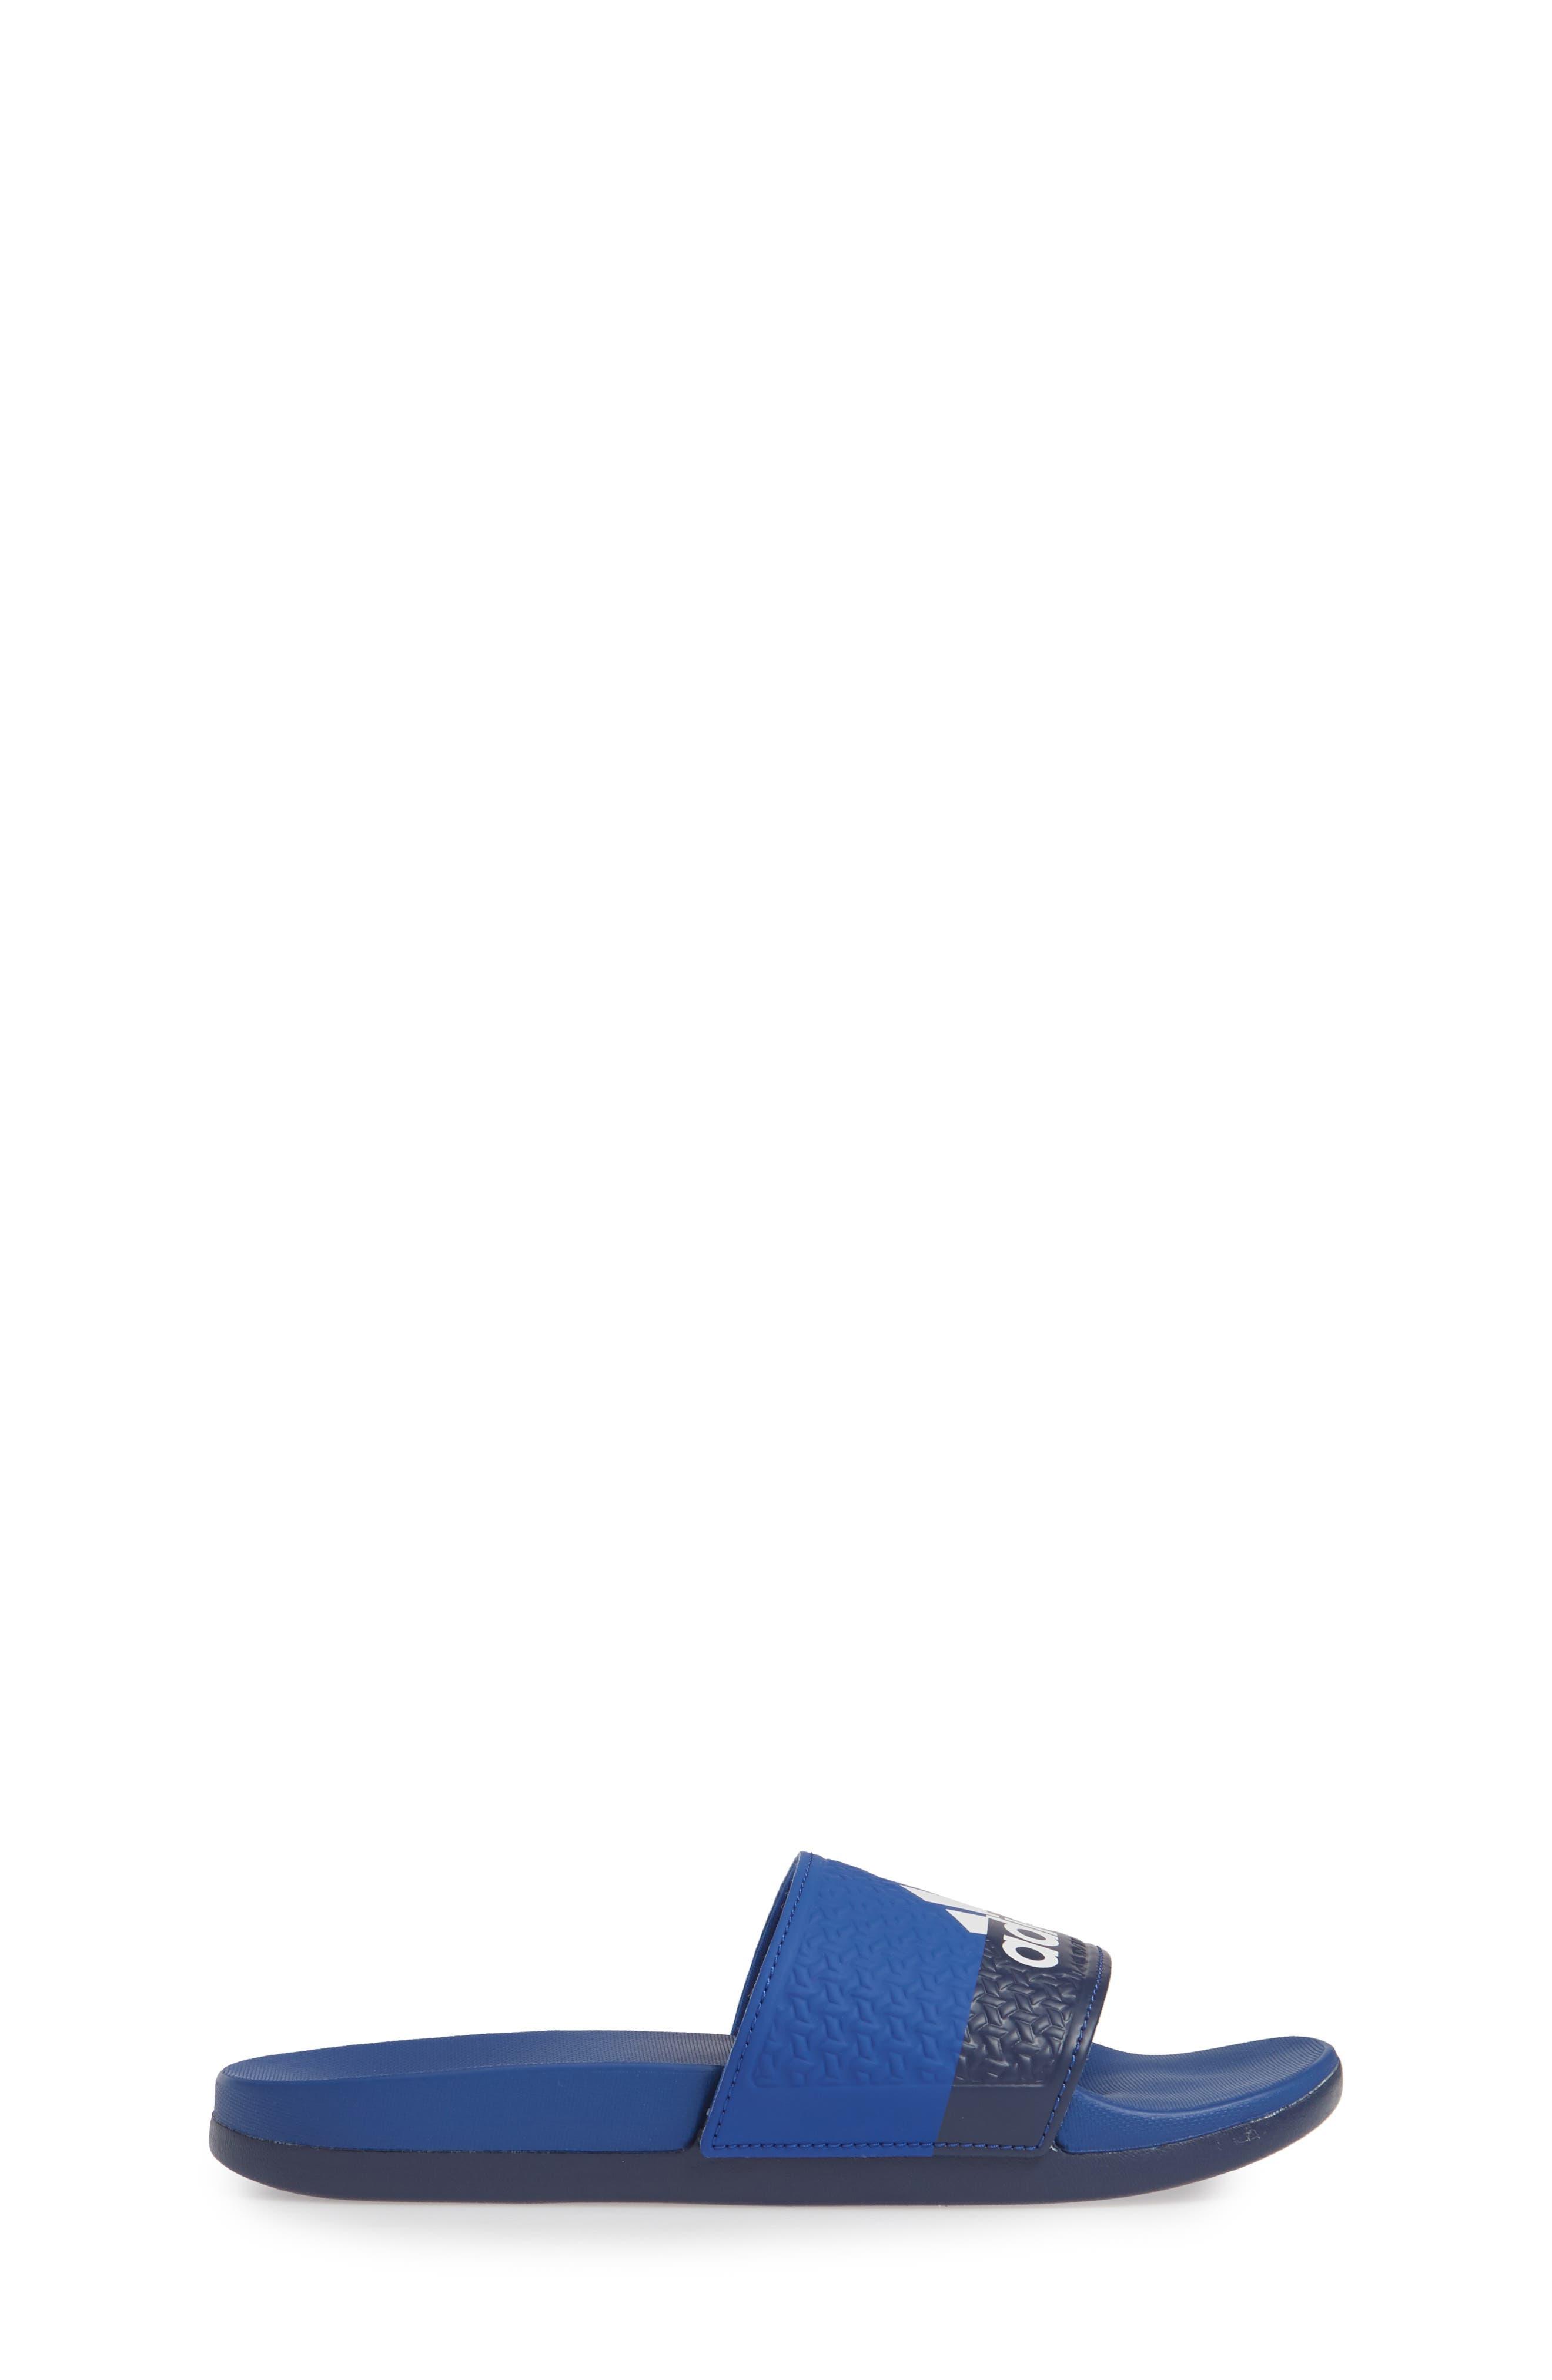 Adilette Slide Sandal,                             Alternate thumbnail 3, color,                             COLLEGIATE ROYAL/ WHITE/ BLUE